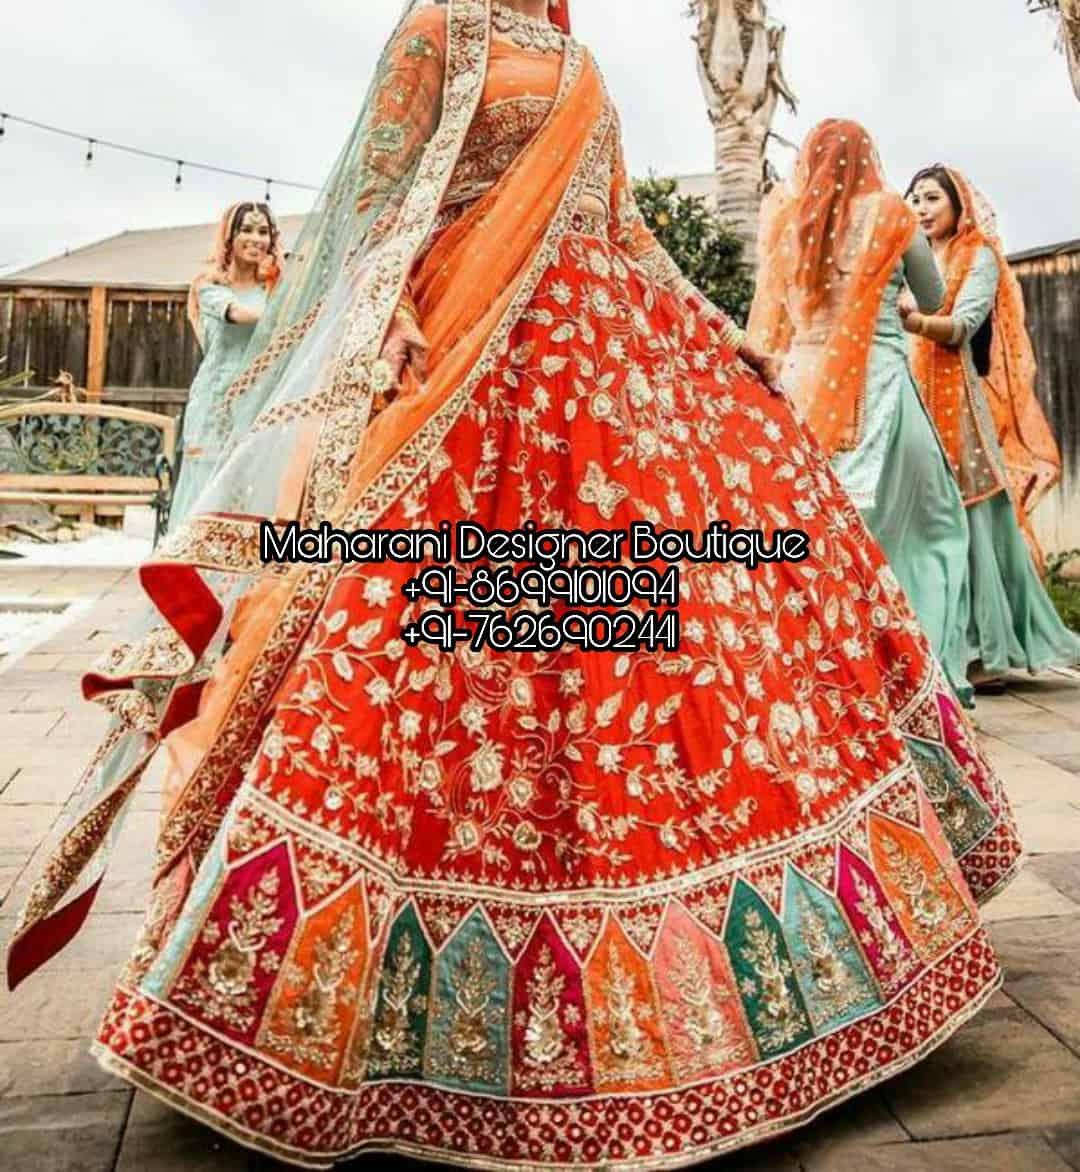 Latest Bridal Lehenga 2020 Maharani Designer Boutique,Outdoor Stairs Design